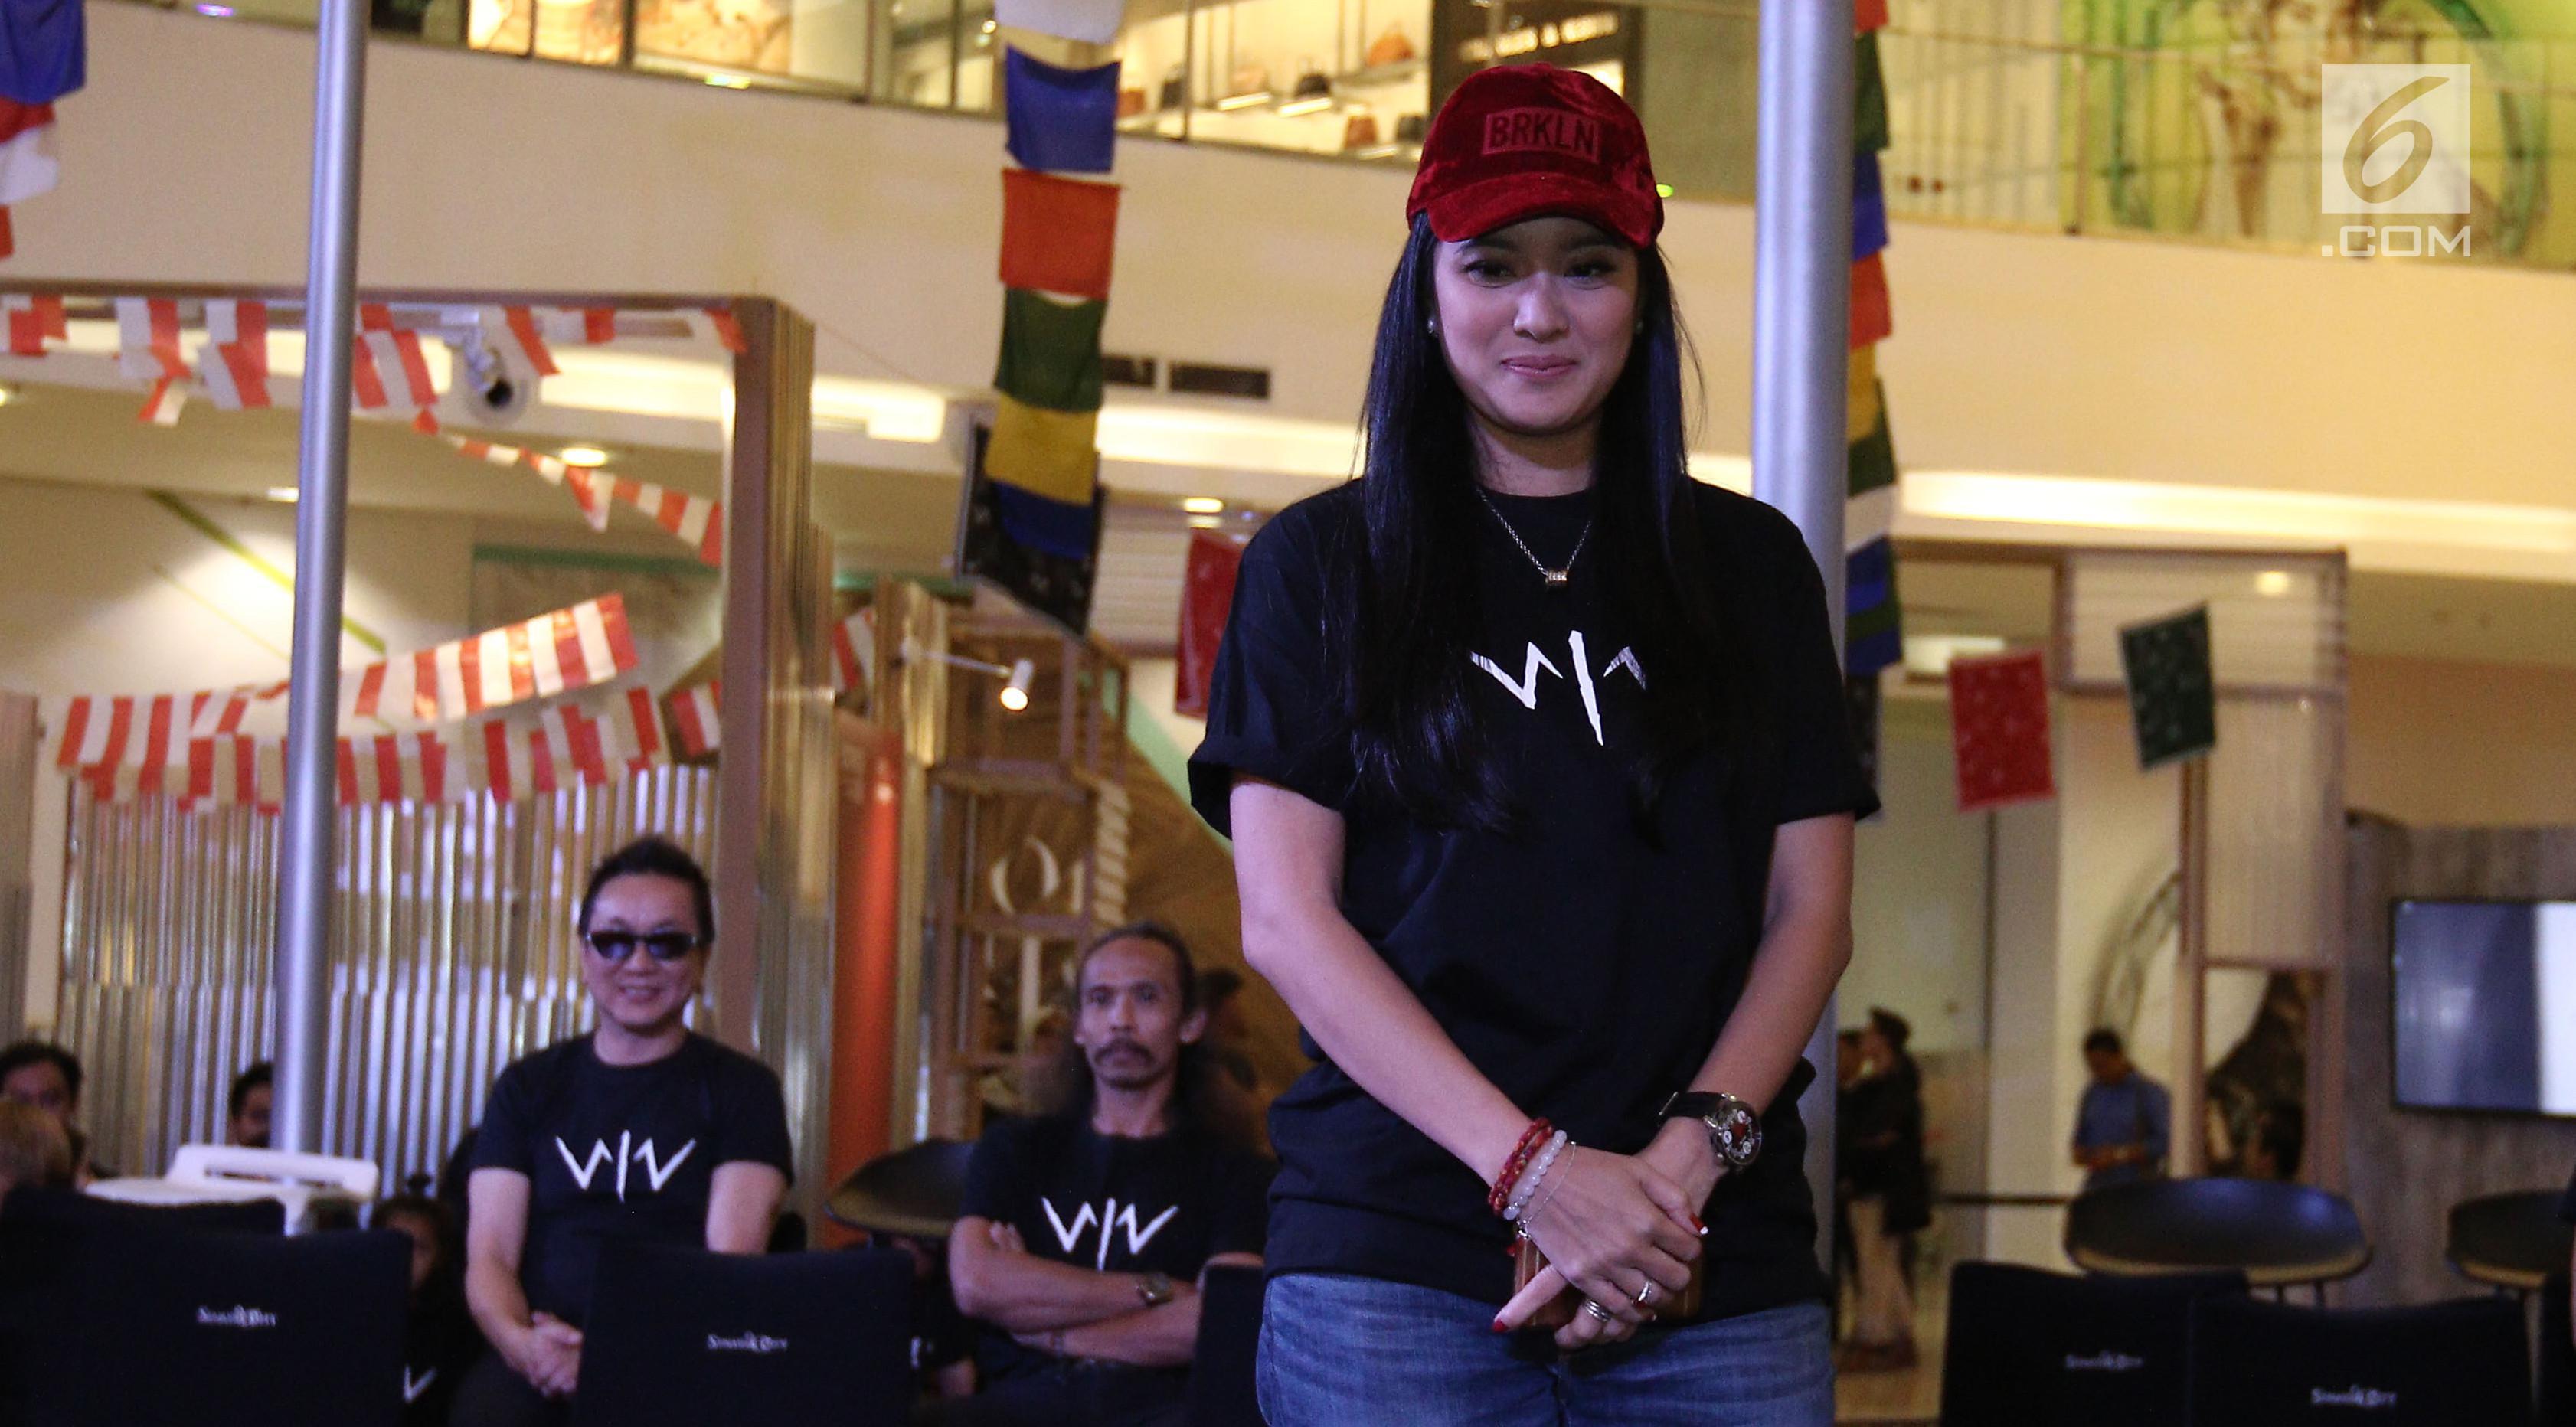 Aktris Marcella Zalianty dalam jumpa pers film layar lebar Wiro Sableng 212 di Senayan City, Jakarta, Rabu (16/8). Marcella Zalianty akan berperan sebagai permaisuri. (Liputan6.cm/Herman Zakharia)